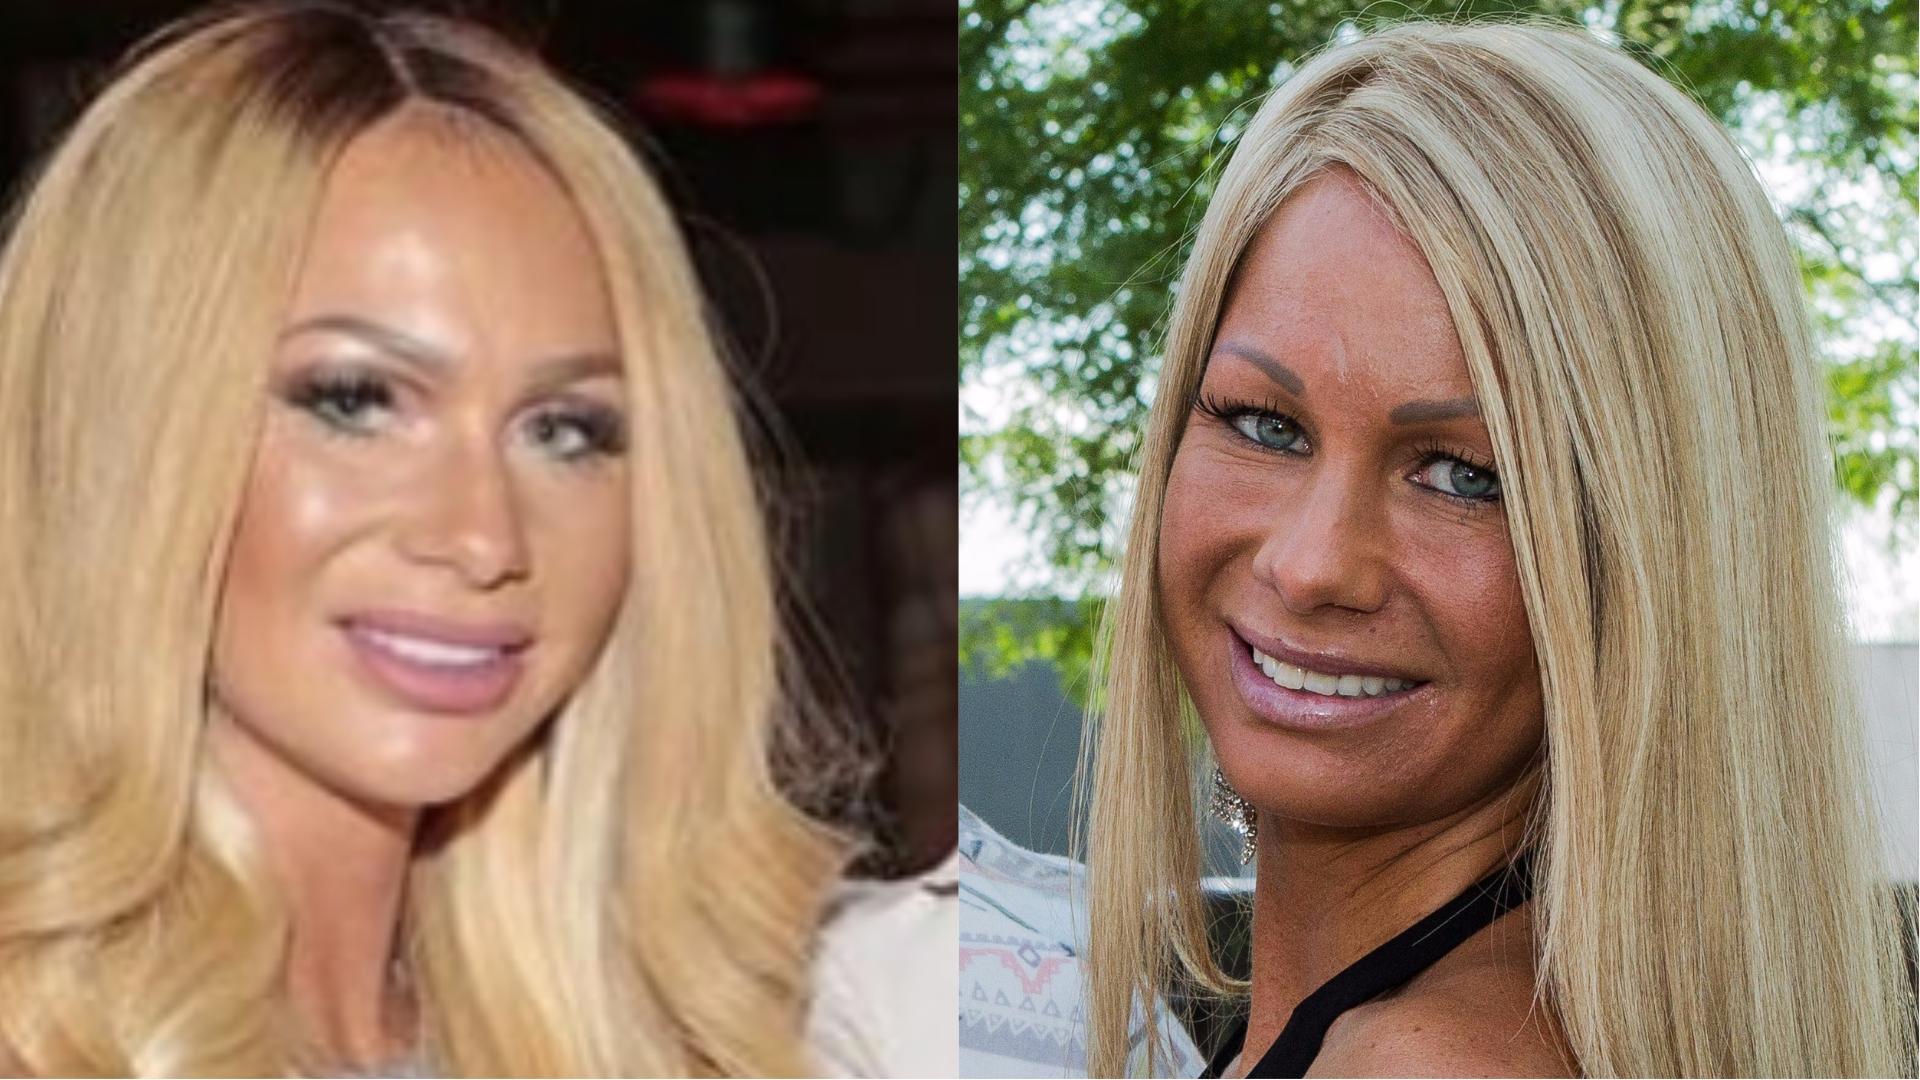 Hedendaags Fans geschokt over Barbie's onherkenbare nieuwe gezicht RO-07